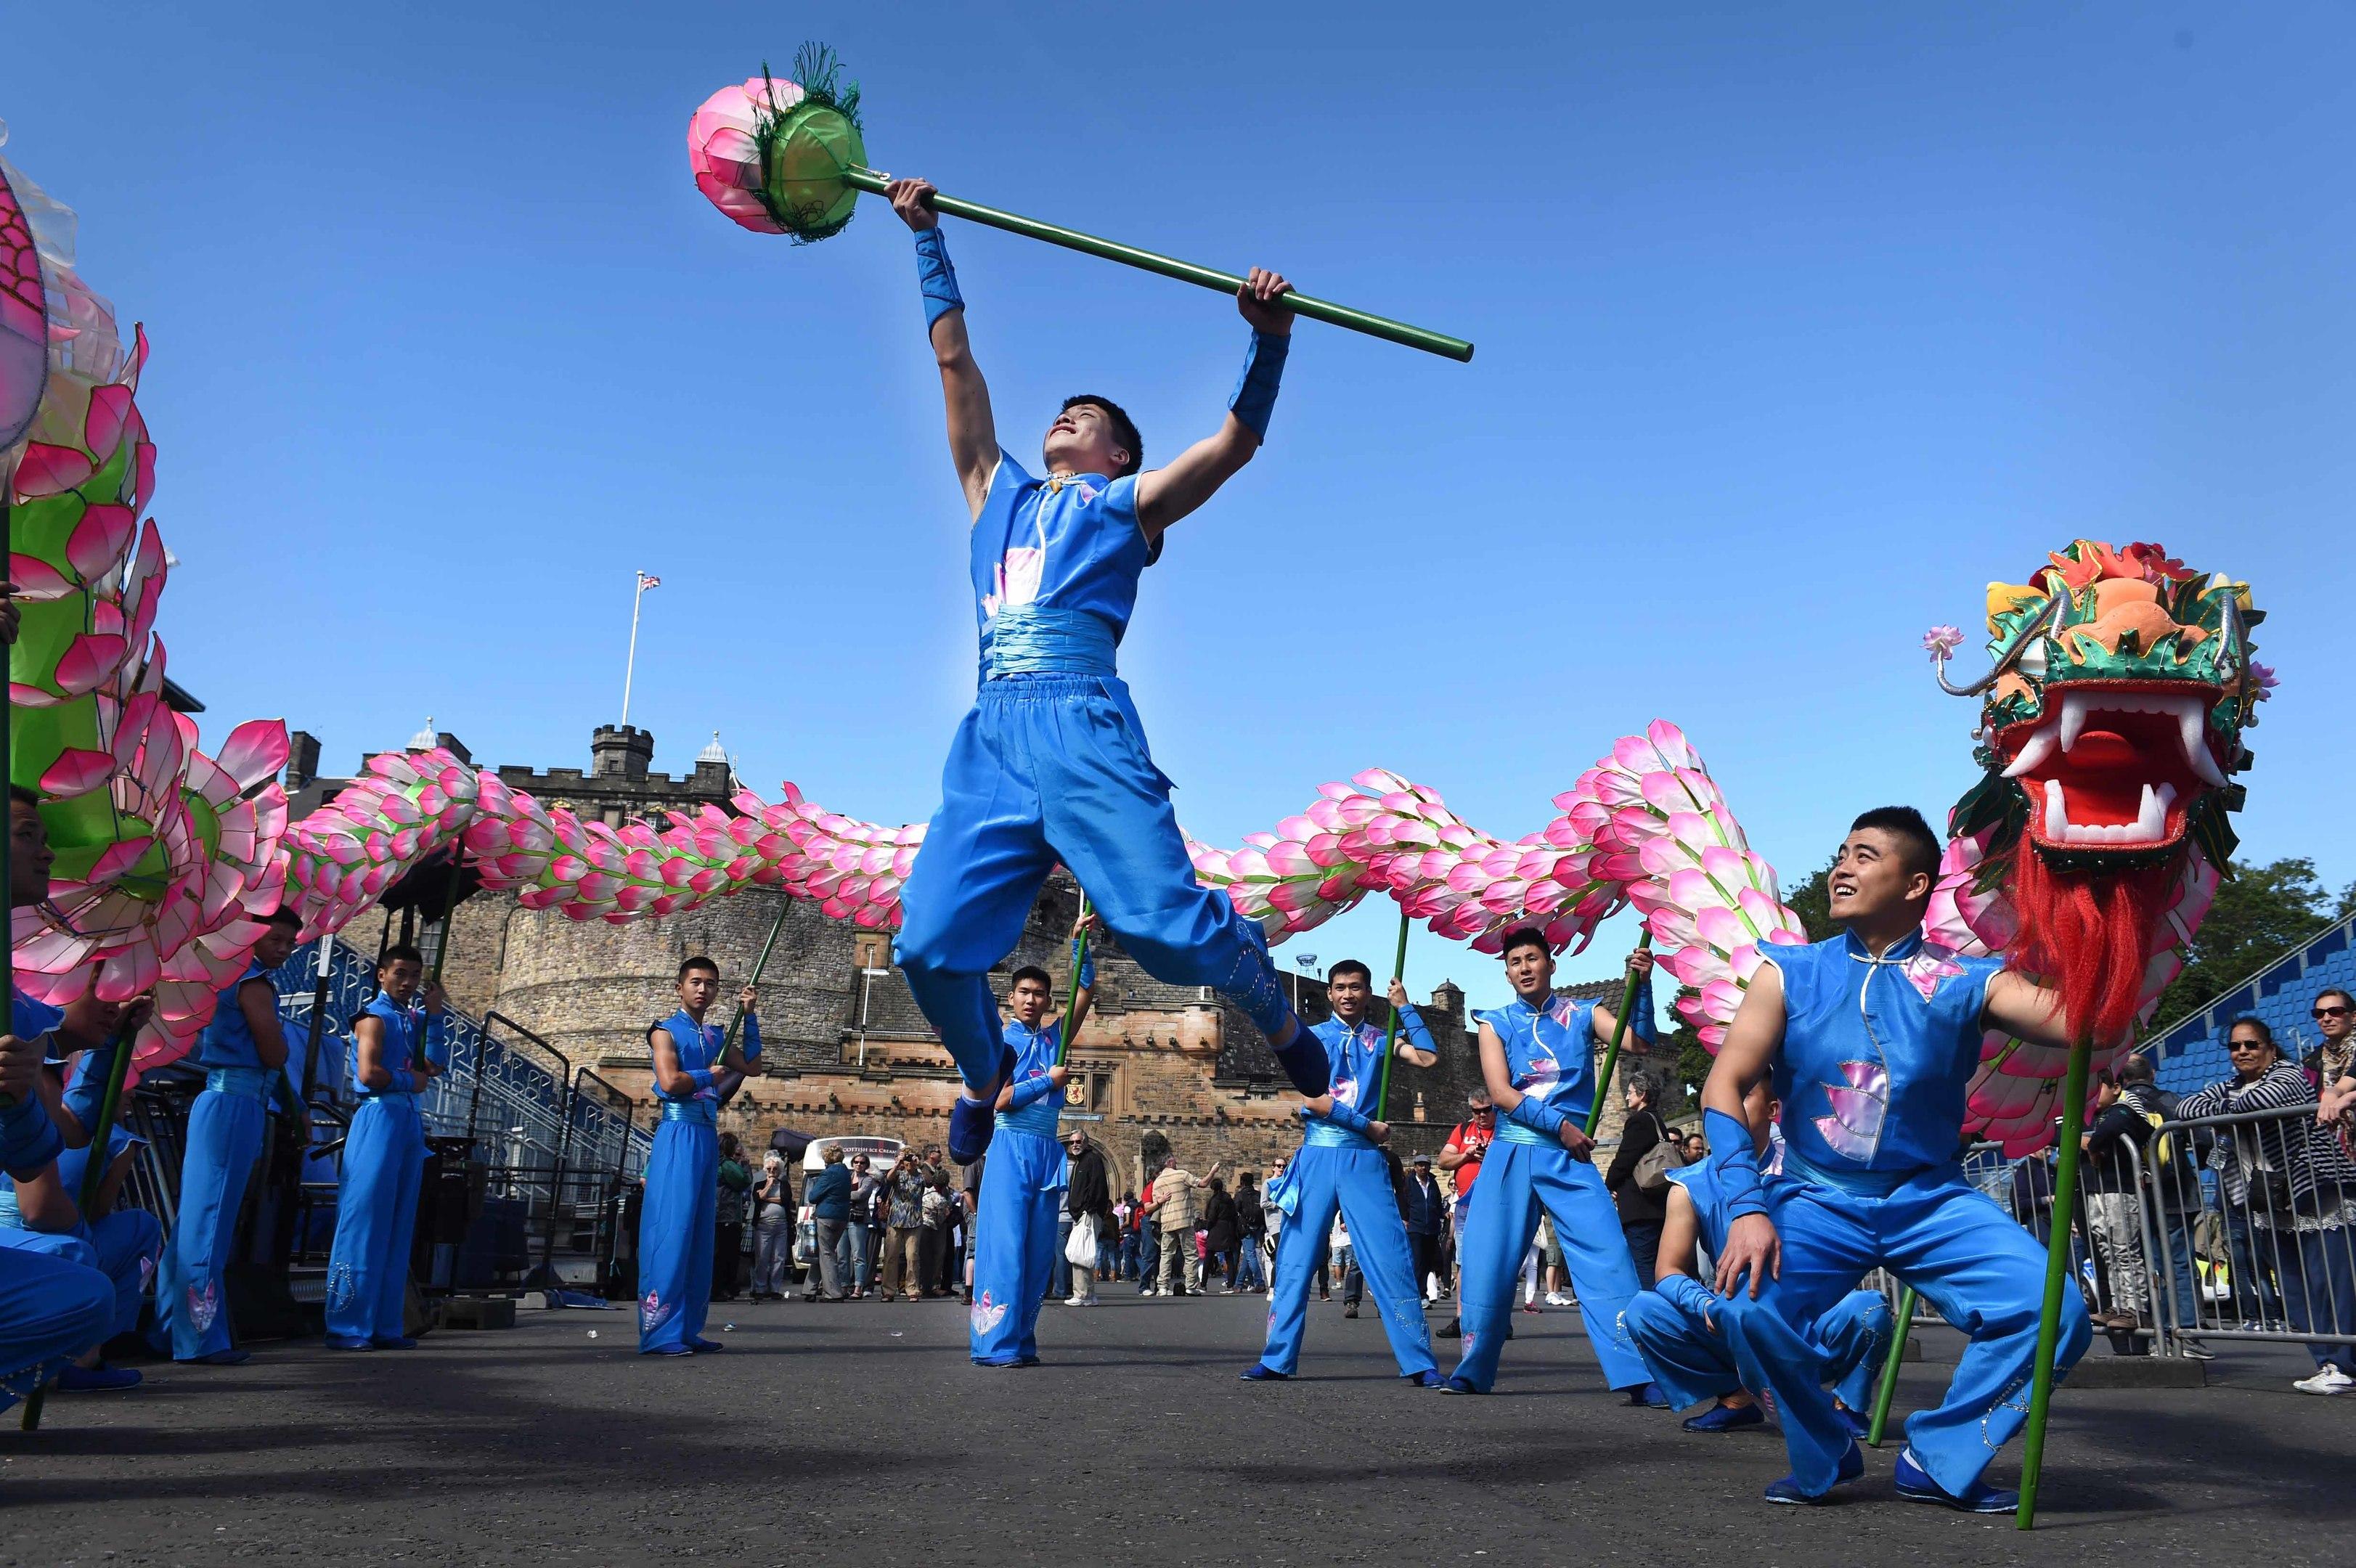 Changxing Lotus Dragon Dance Folklore Group